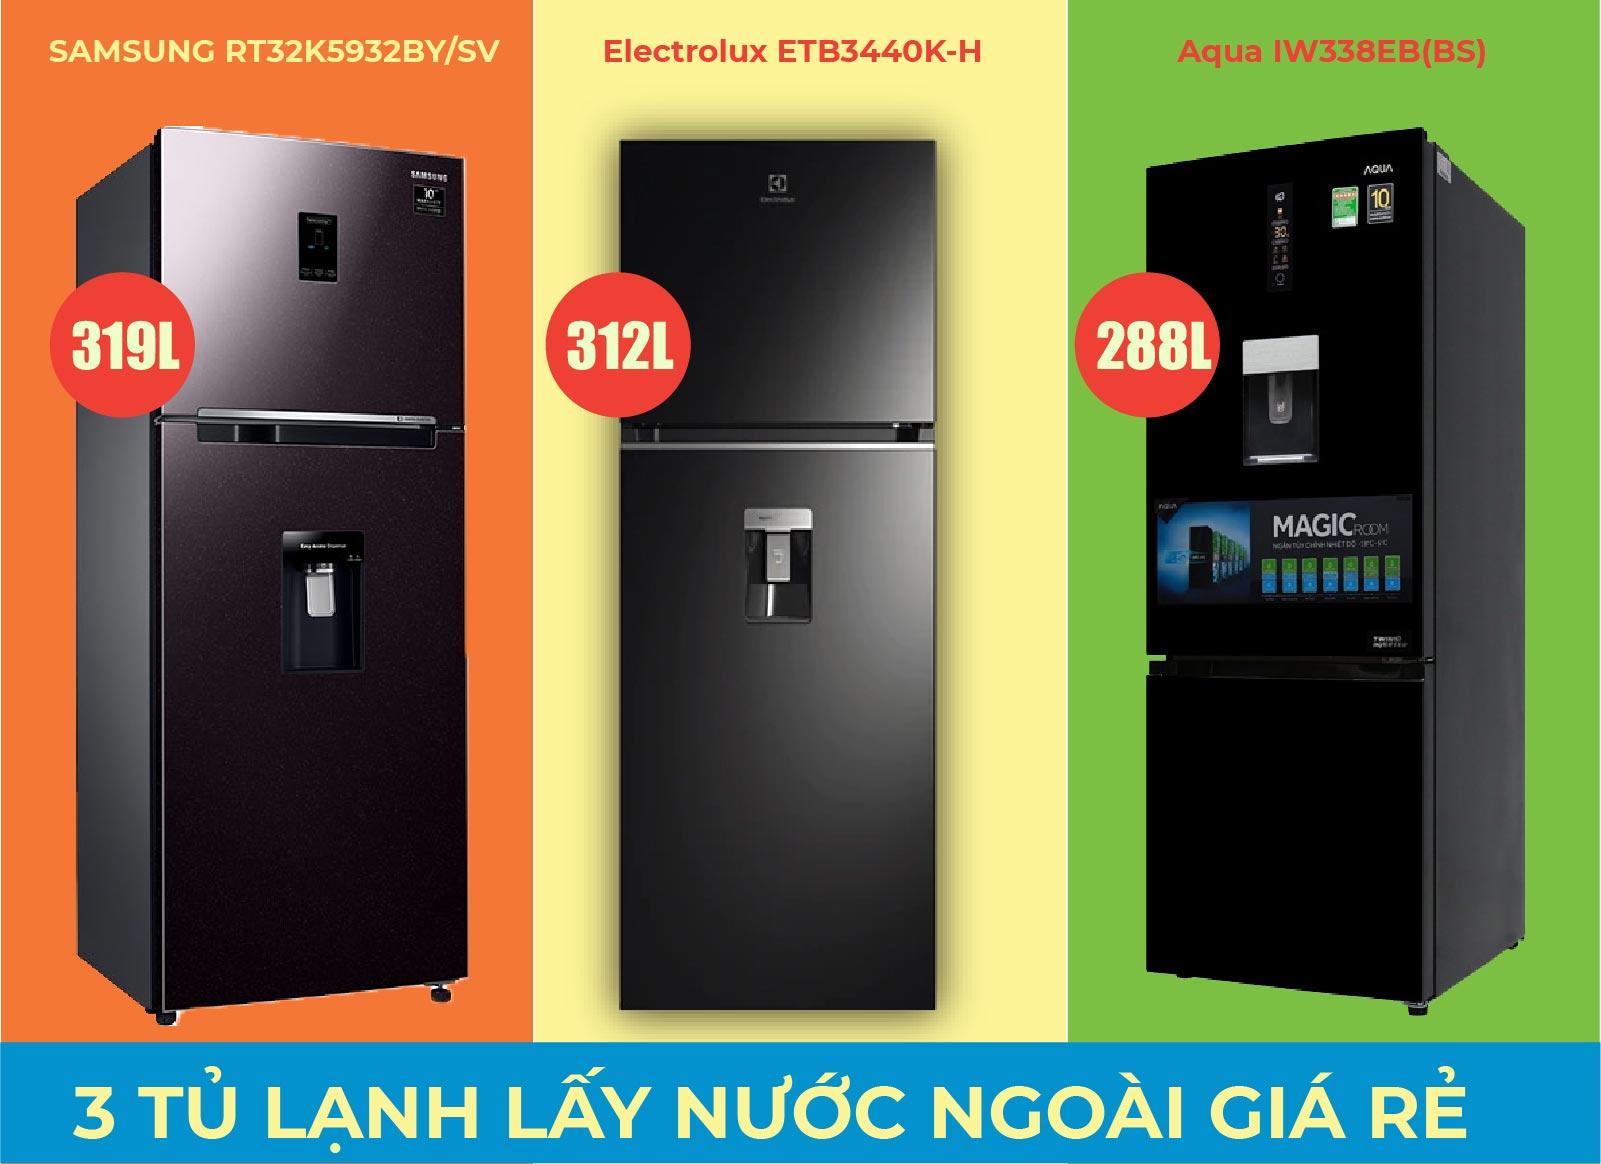 Top 4 tủ lạnh lấy nước ngoài tầm giá 10 triệu